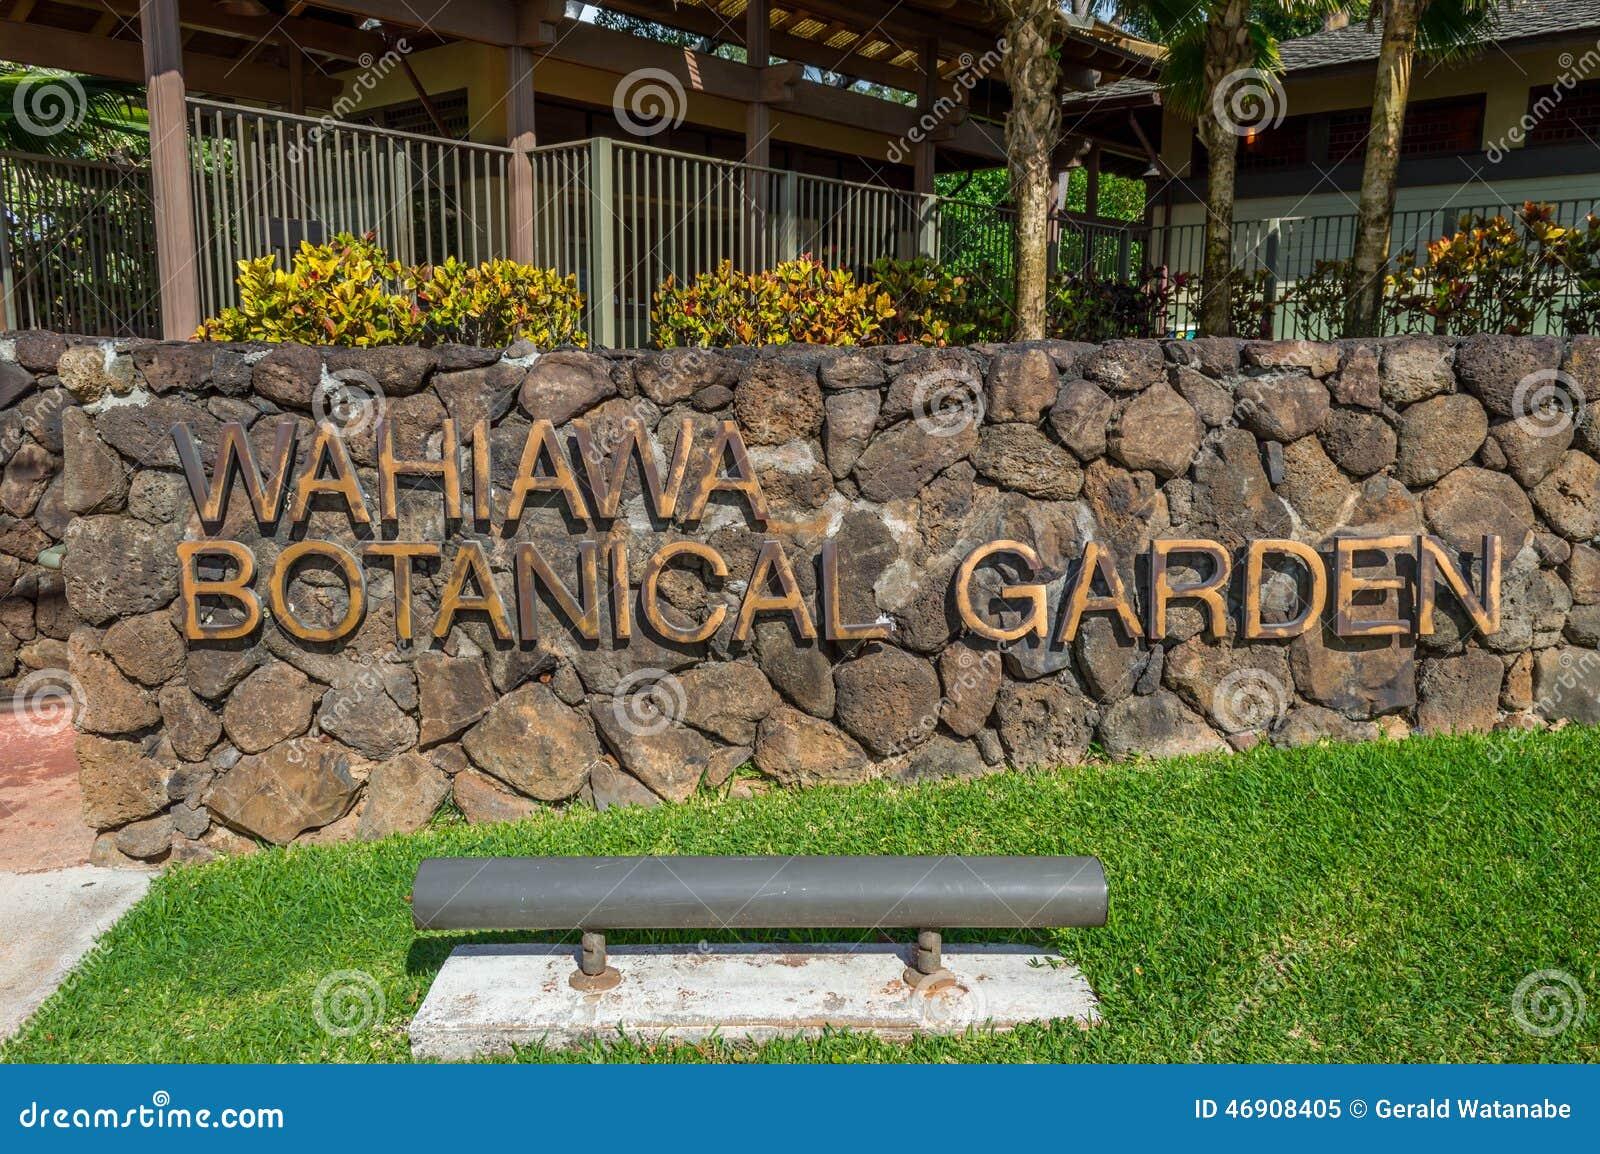 Wahiawa Botanical Gardens stock image. Image of garden - 46908405